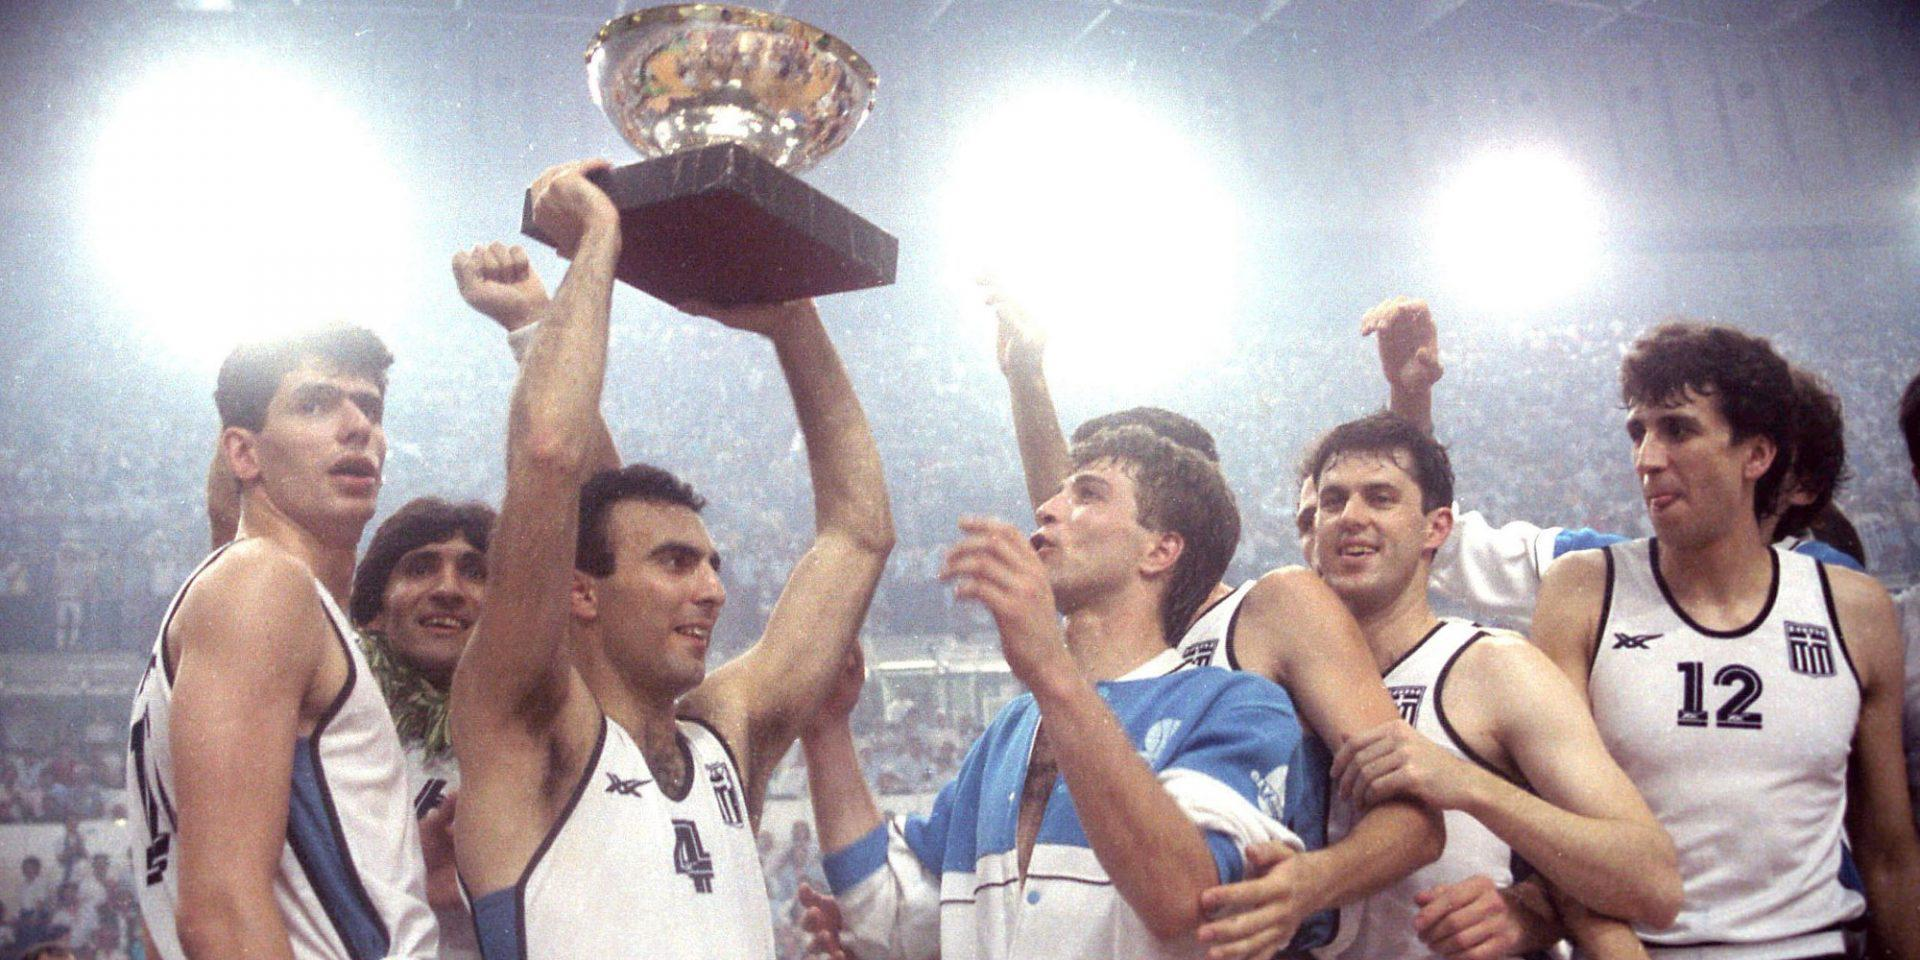 Ευρωμπάσκετ 1987: 34 χρόνια από το έπος του ελληνικού μπάσκετ